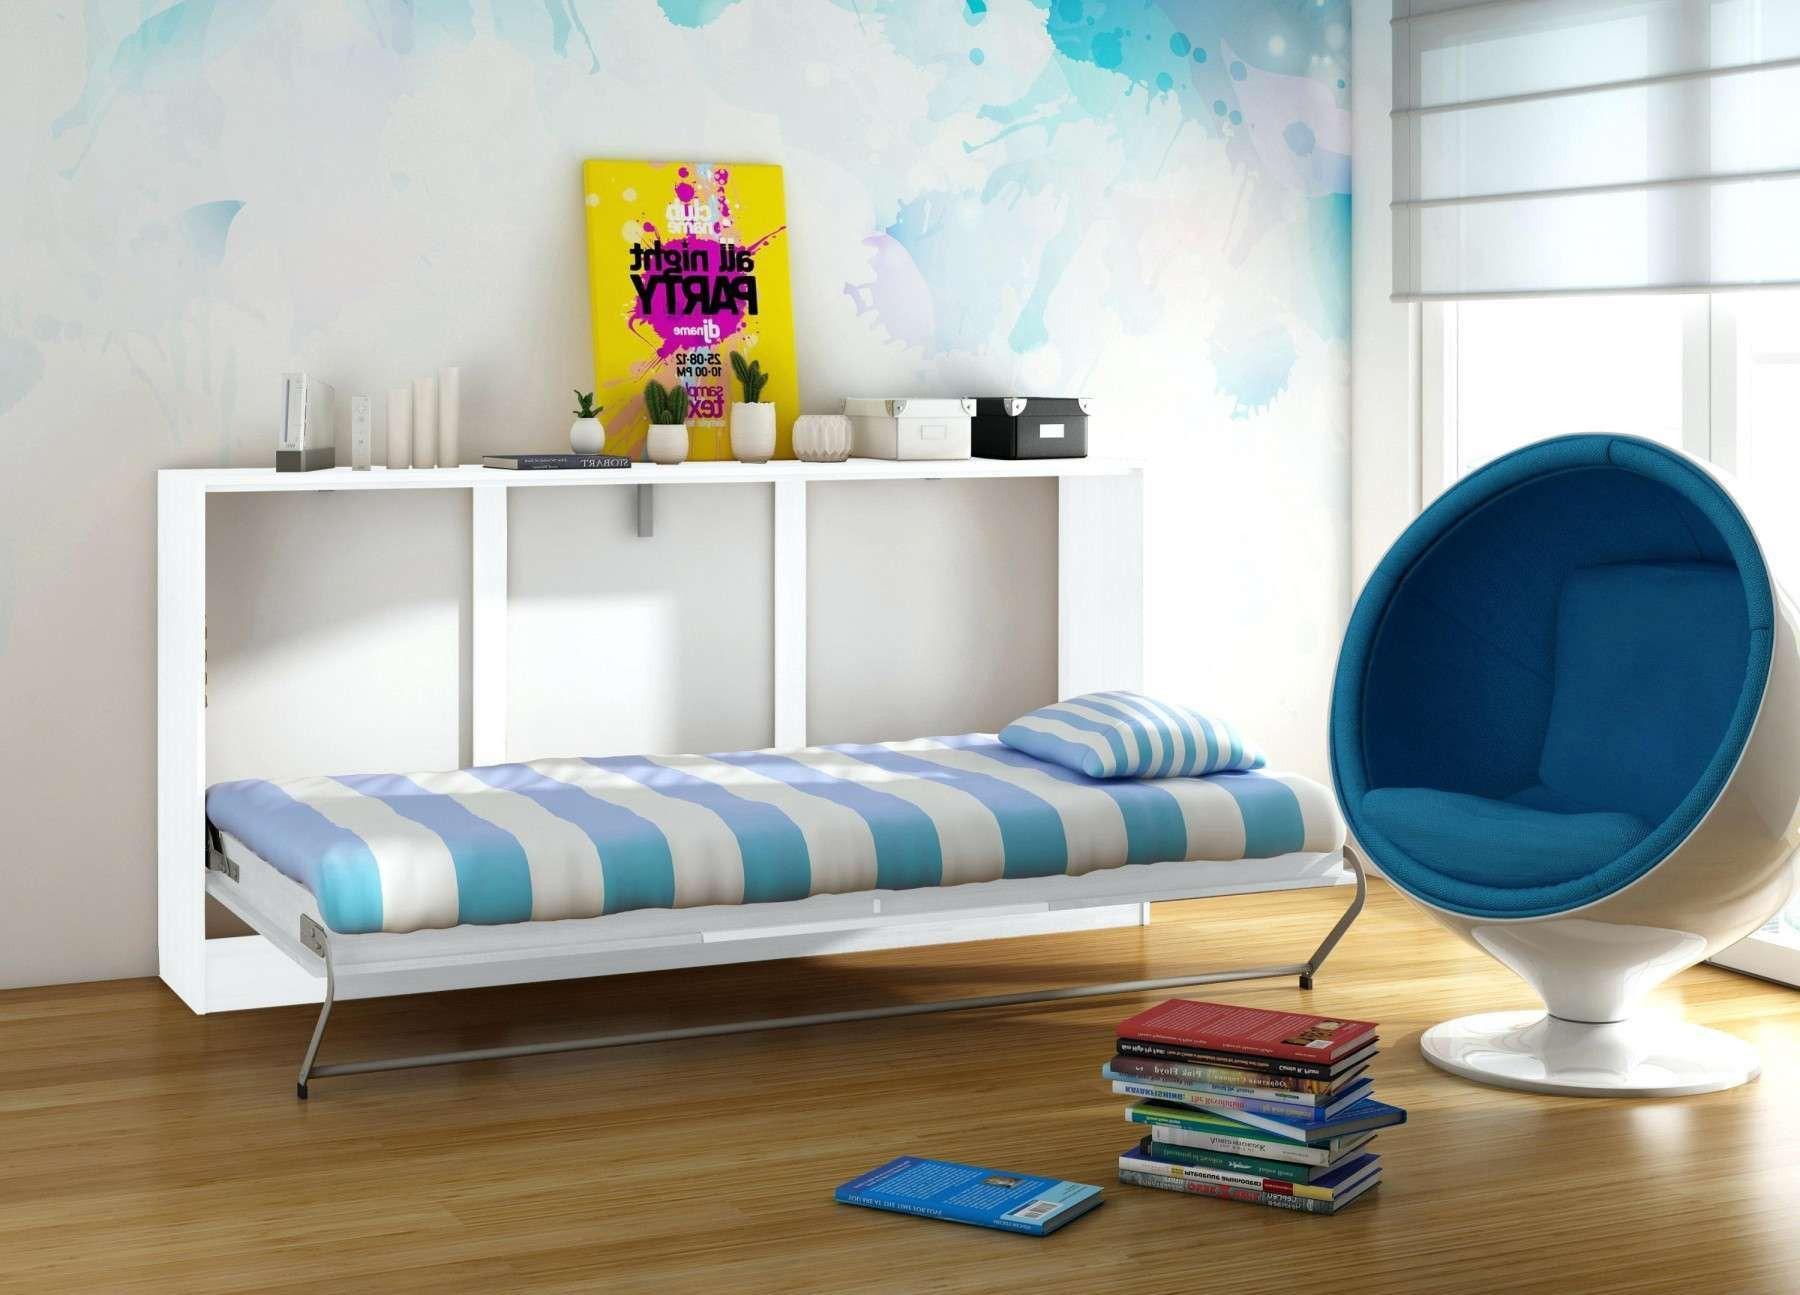 Full Size of Schrankbett 180x200 Ikea Klappbett Awesome Reizend Wandklappbett In Modernes Bett Betten Bei Küche Kosten Massivholz 160x200 Günstig Mit Lattenrost Und Wohnzimmer Schrankbett 180x200 Ikea